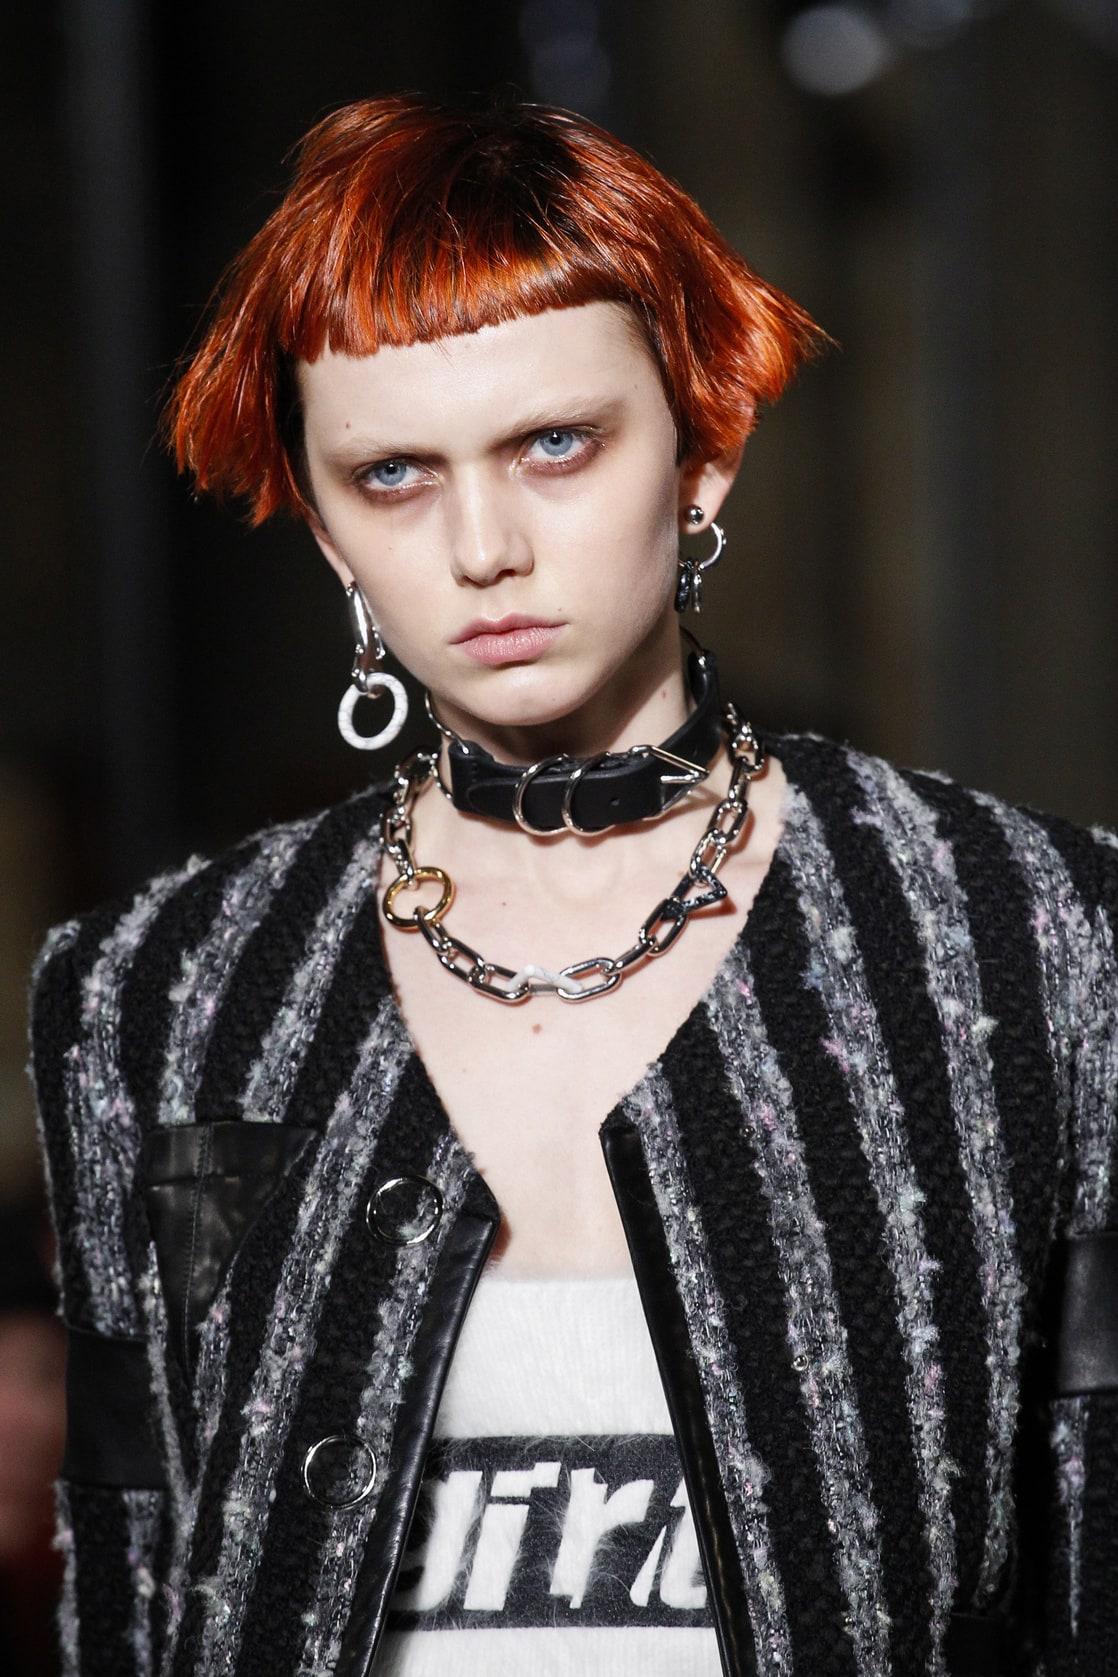 images Katie Moore (model)